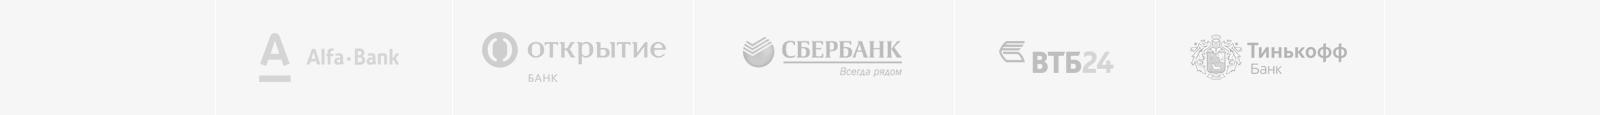 brands_ru